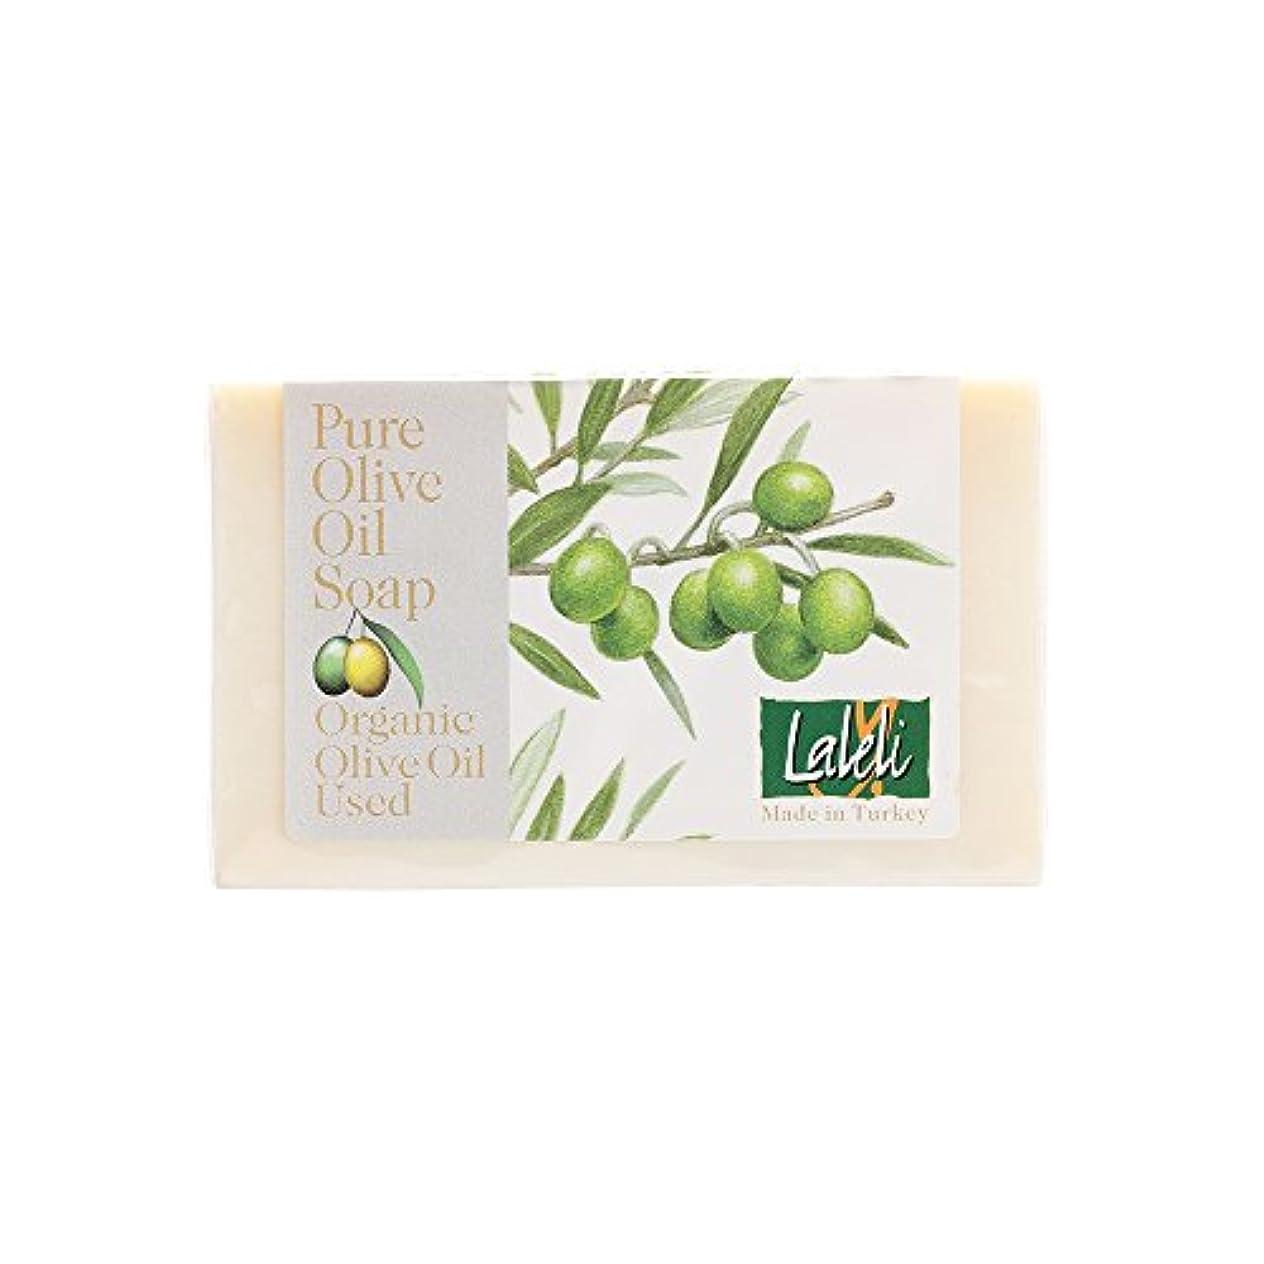 ブラスト両方禁止ラーレリ オーガニックオリーブオイルソープ 無香料 120g